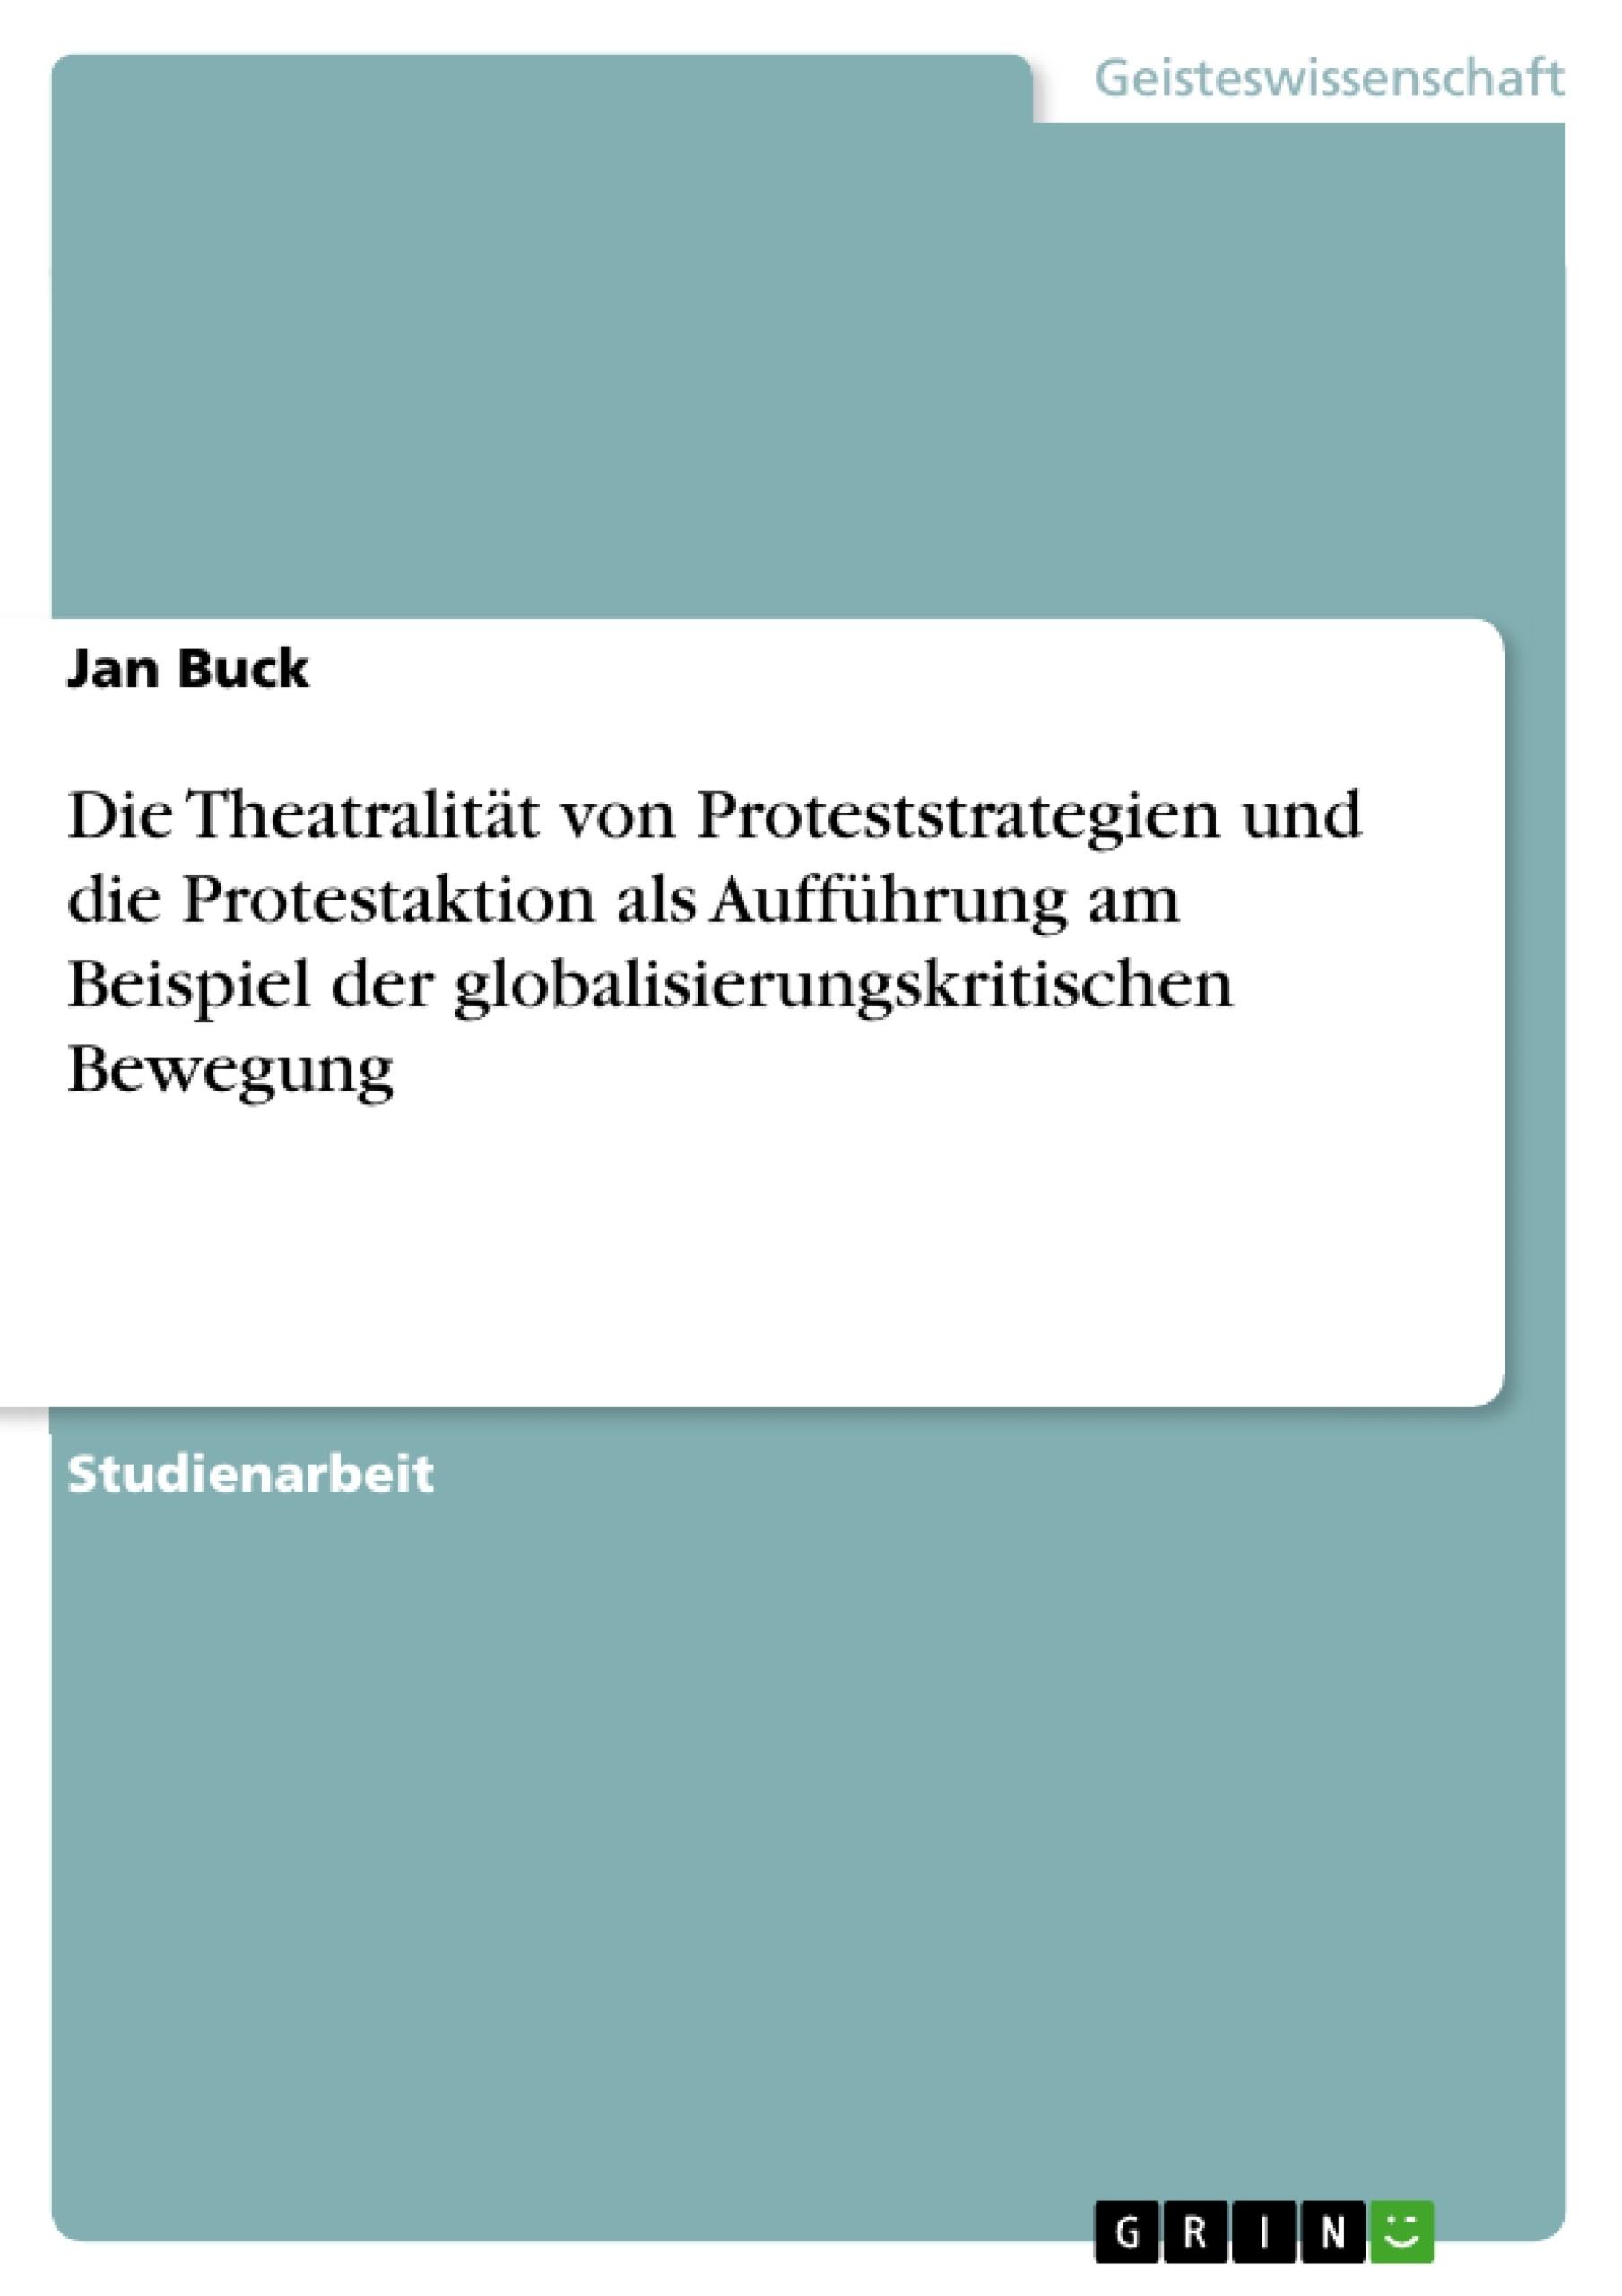 Titel: Die Theatralität von Proteststrategien und die Protestaktion als Aufführung am Beispiel der globalisierungskritischen Bewegung